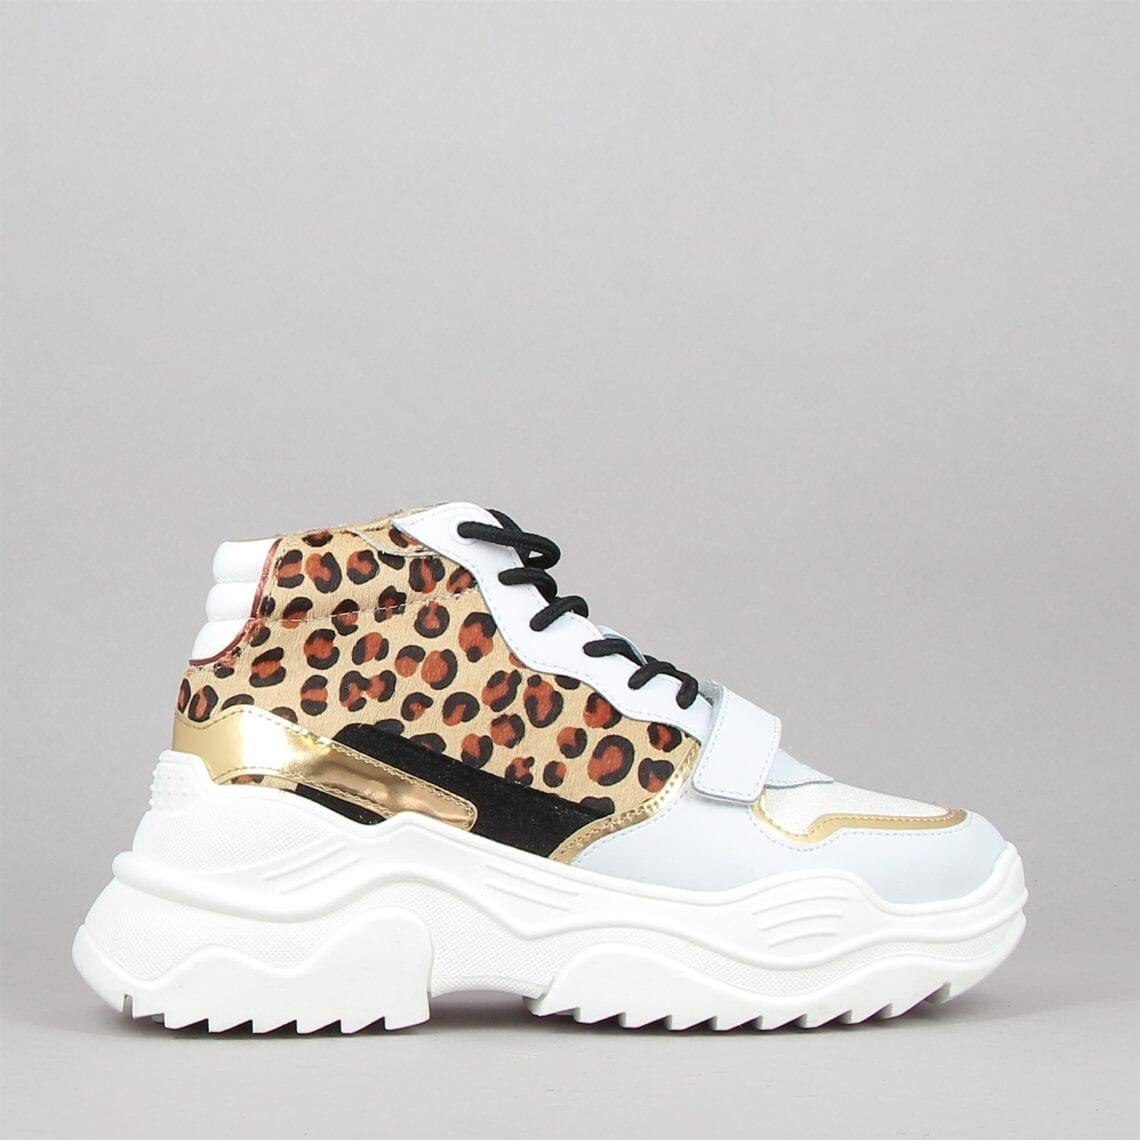 van-leopard-180518914-0.jpg